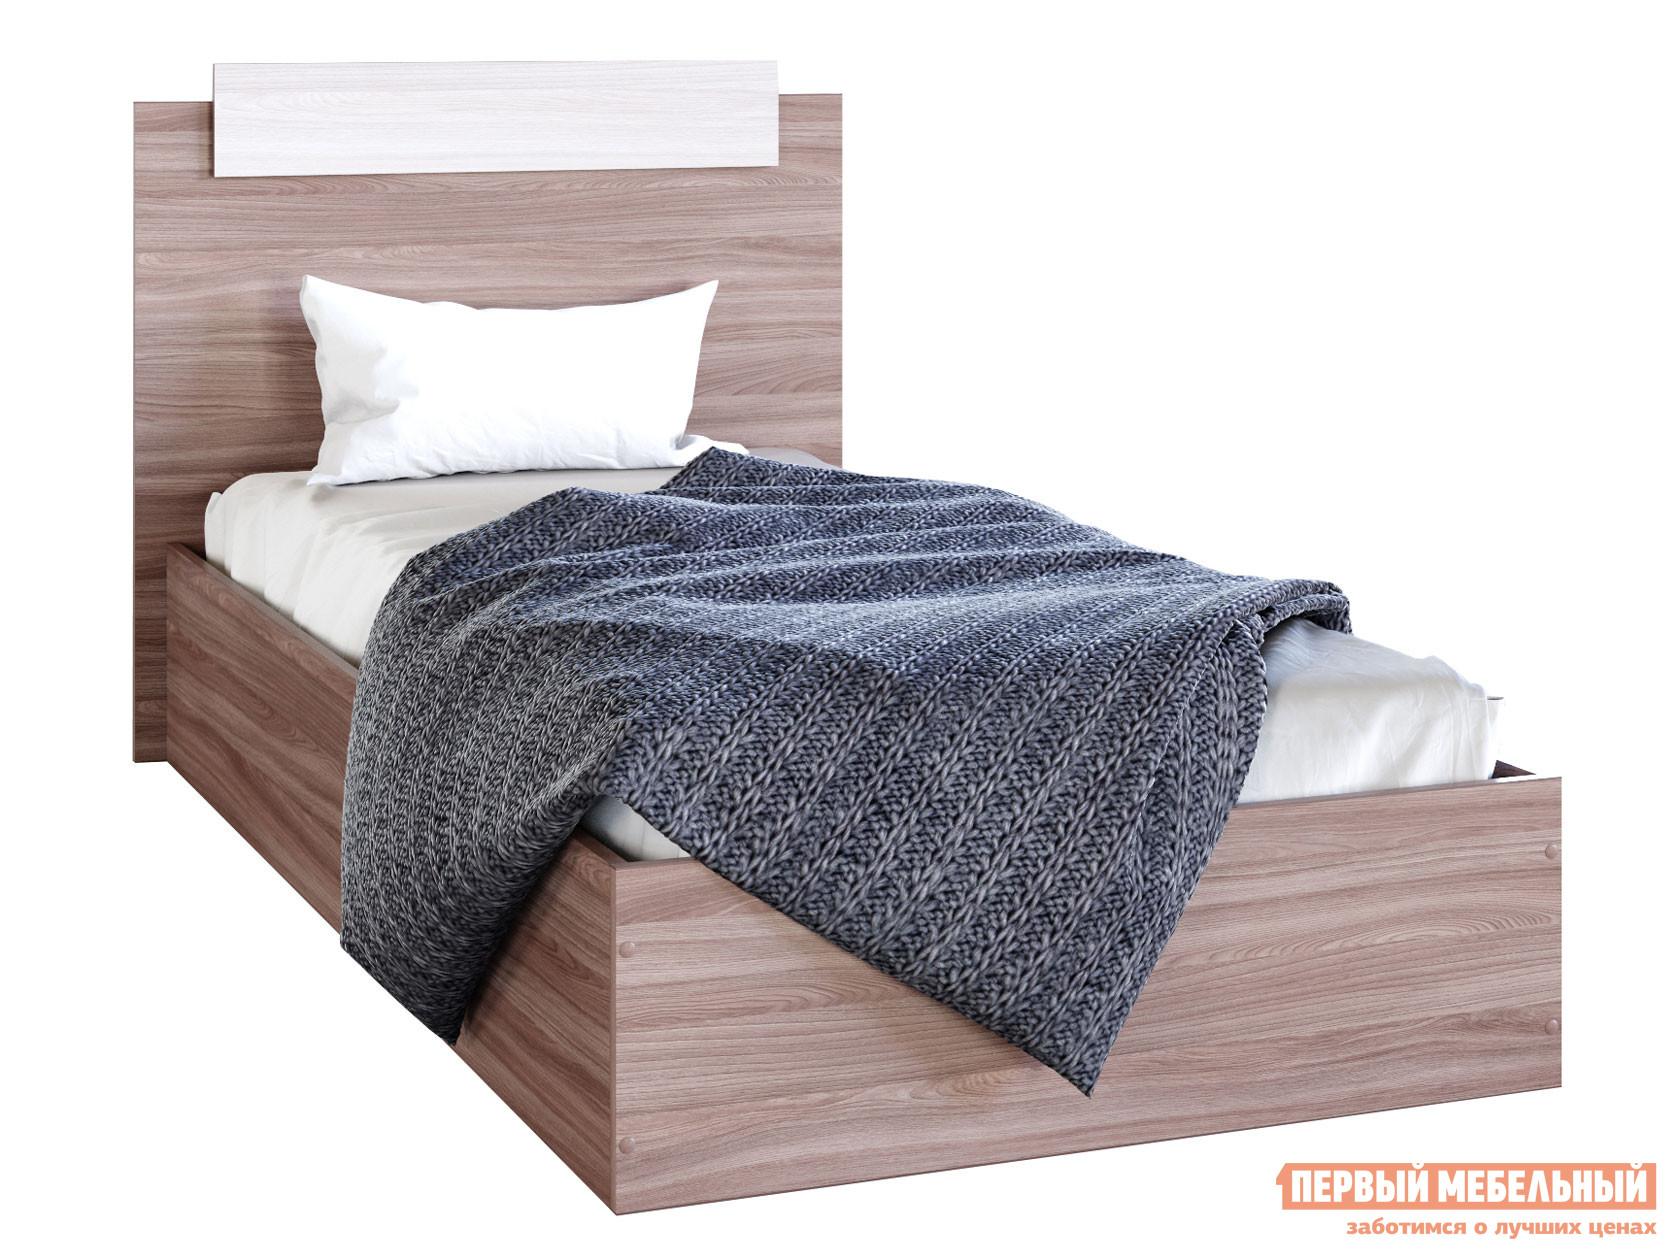 Односпальная кровать  Кровать Эко Ясень шимо светлый / Ясень шимо темный, 900 Х 2000 мм — Кровать Эко Ясень шимо светлый / Ясень шимо темный, 900 Х 2000 мм